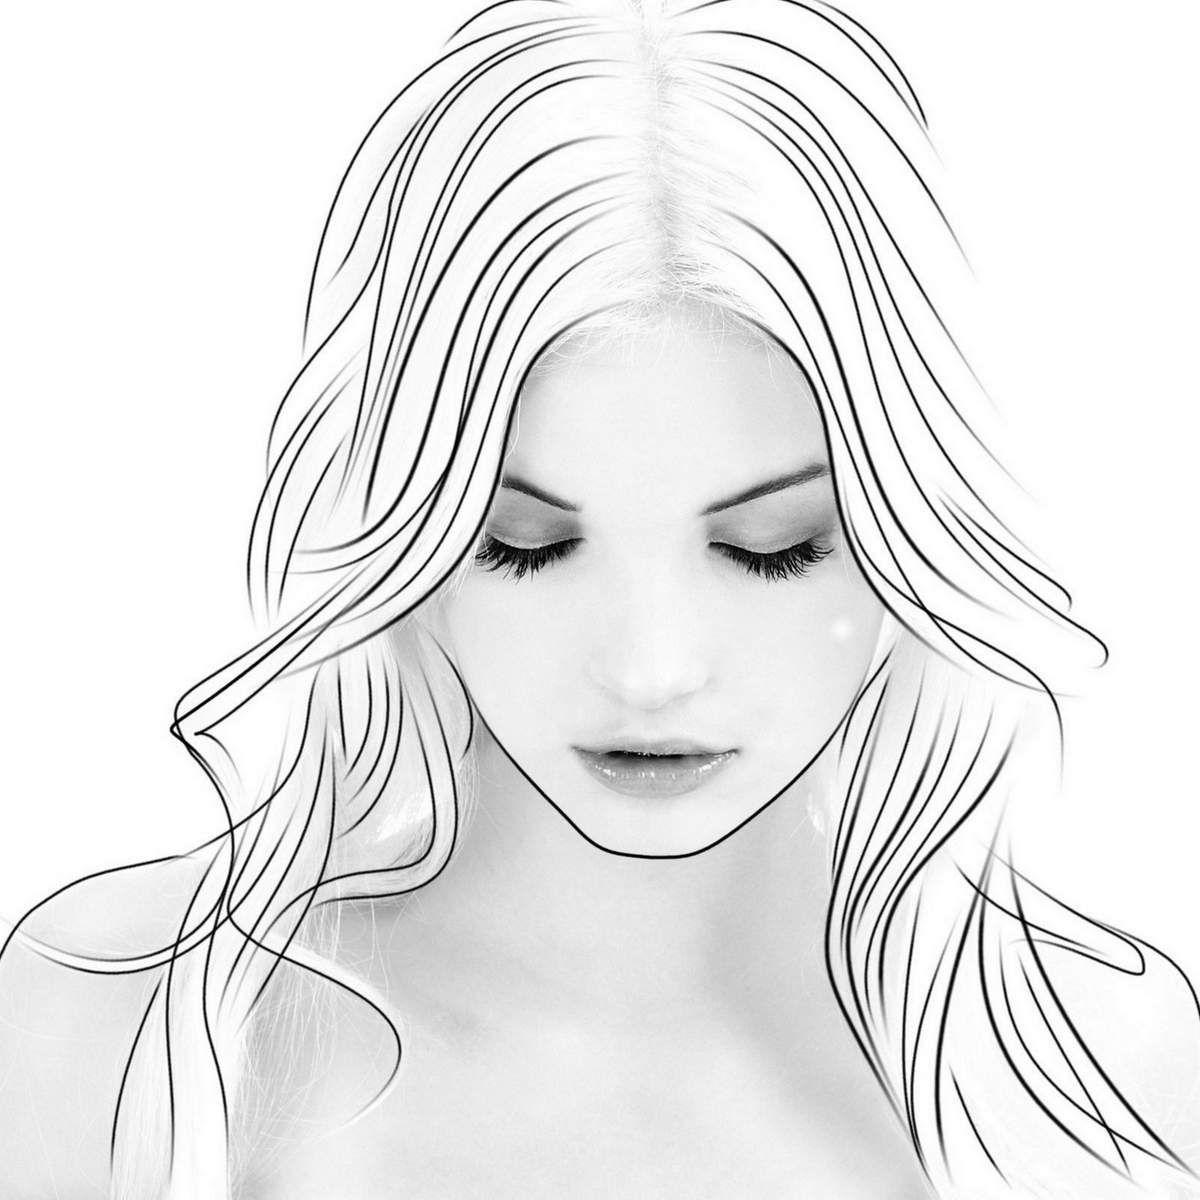 Dessin Femme Caligraphie Dessin Pinterest Zeichnen Et Malen